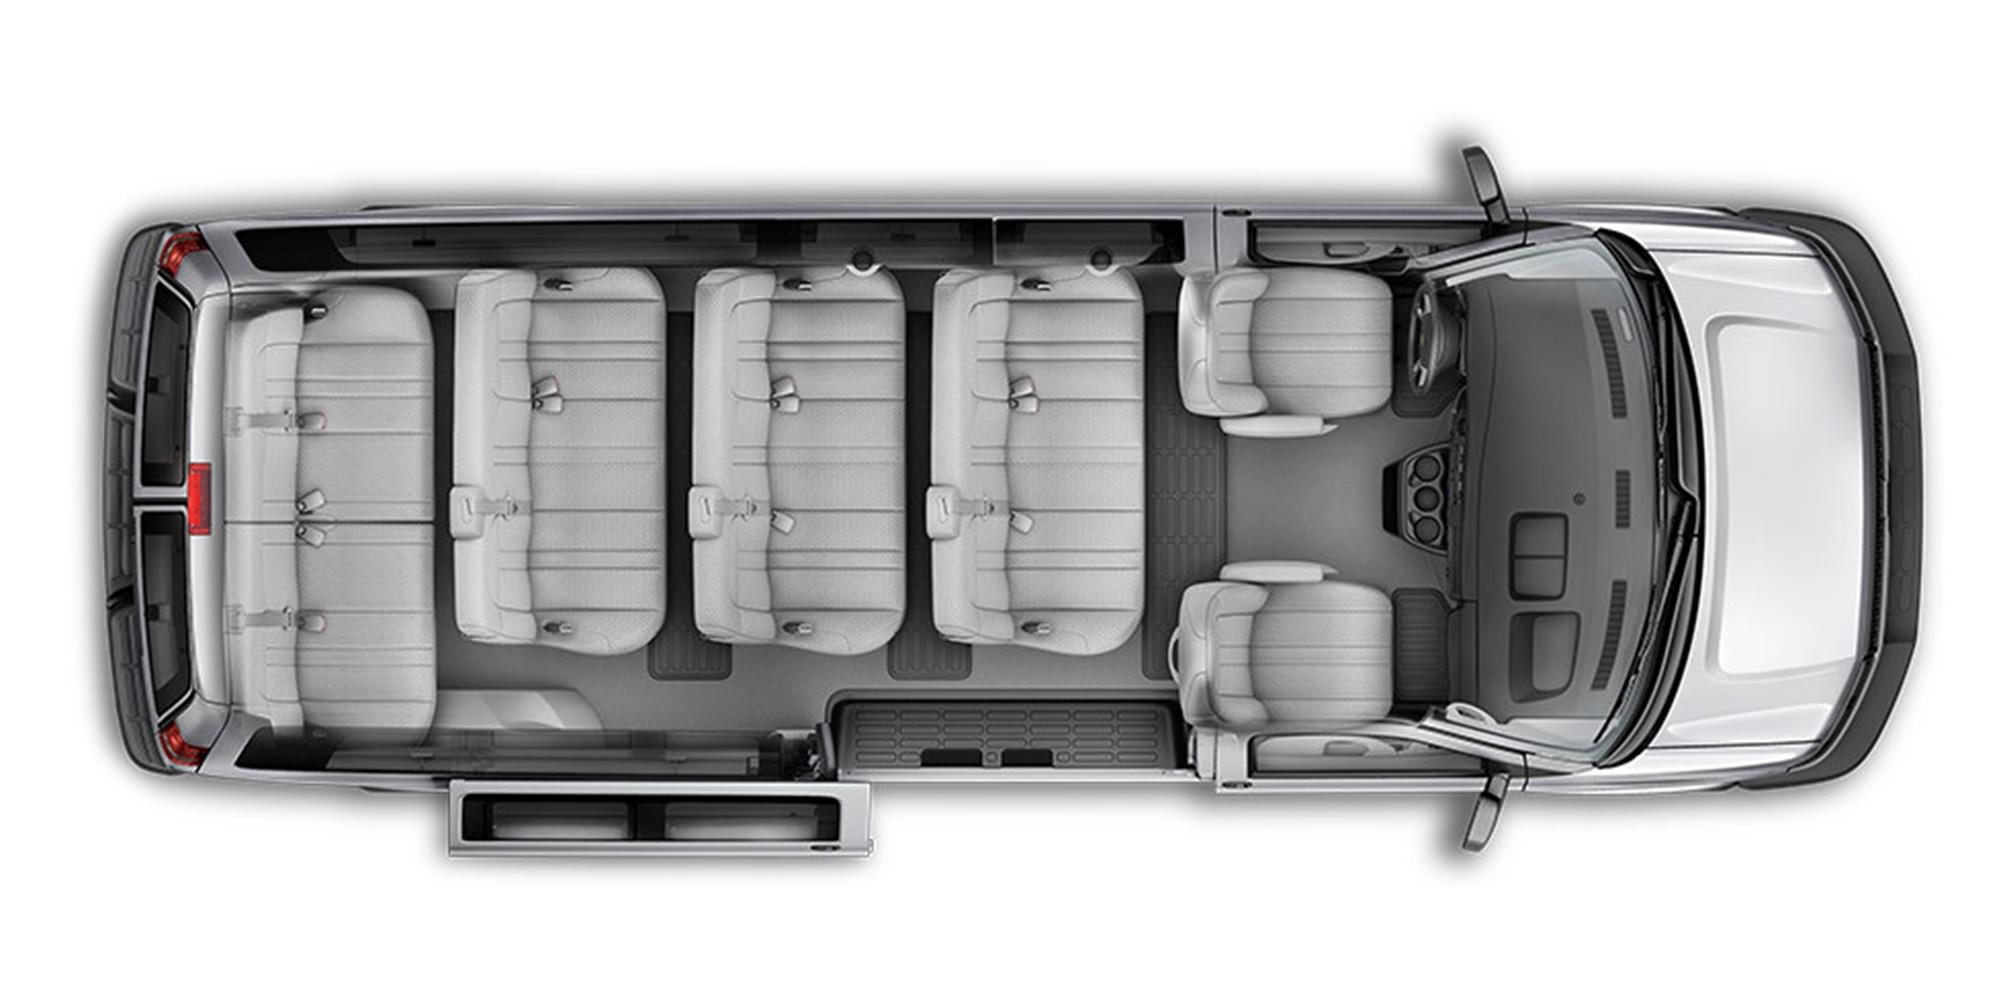 Vista superior de los asientos interiores de la Van Express Passenger 2018